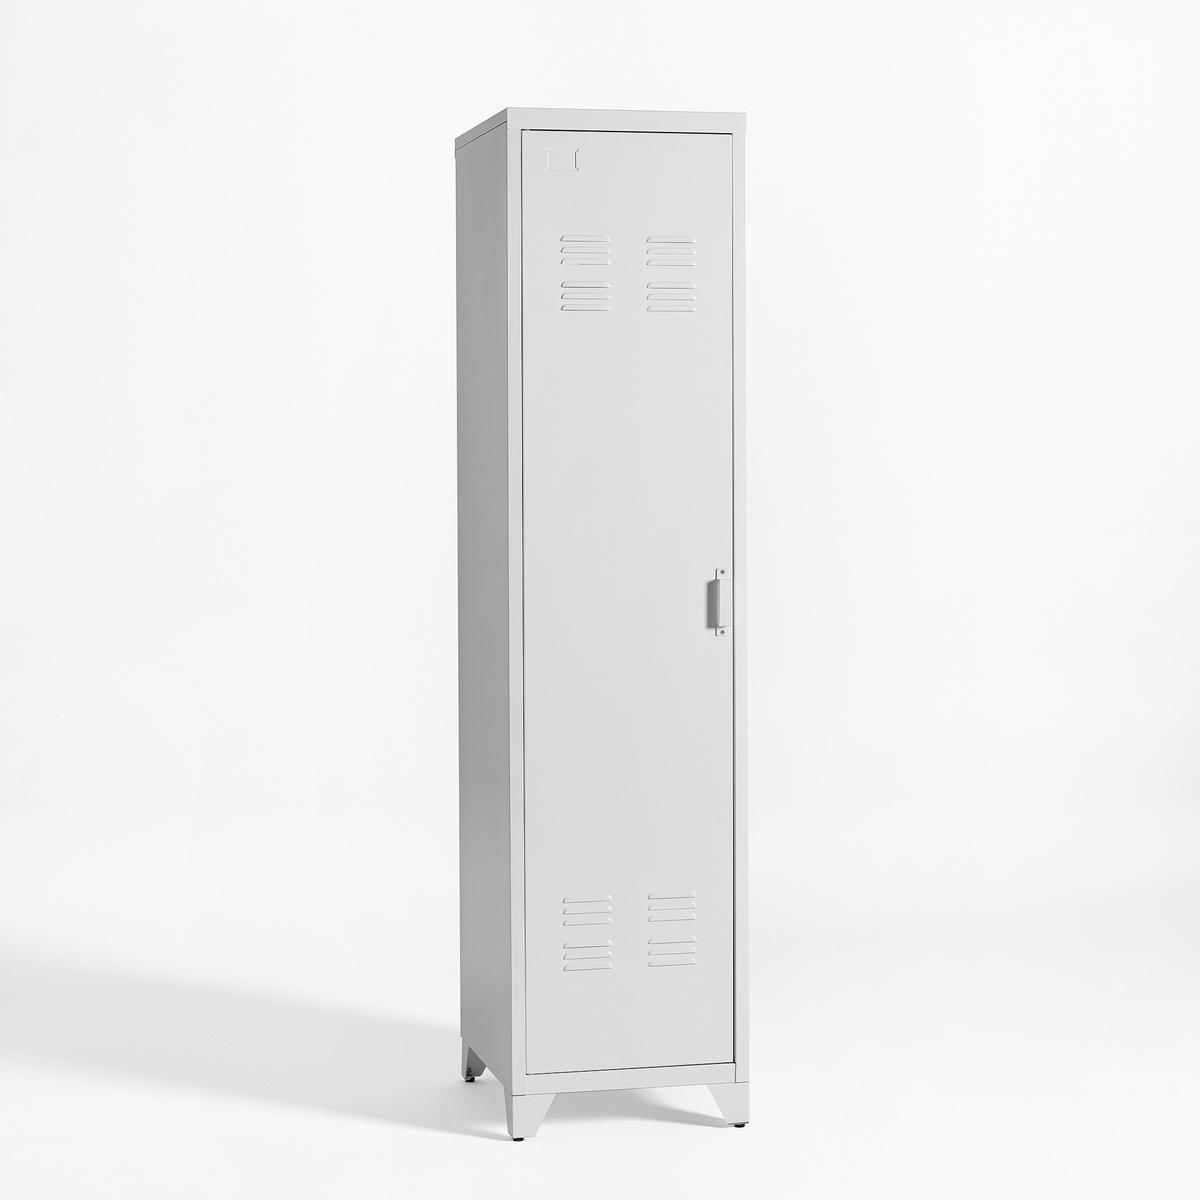 Шкаф для одежды с одной дверцей металлический в американском стиле, Hiba